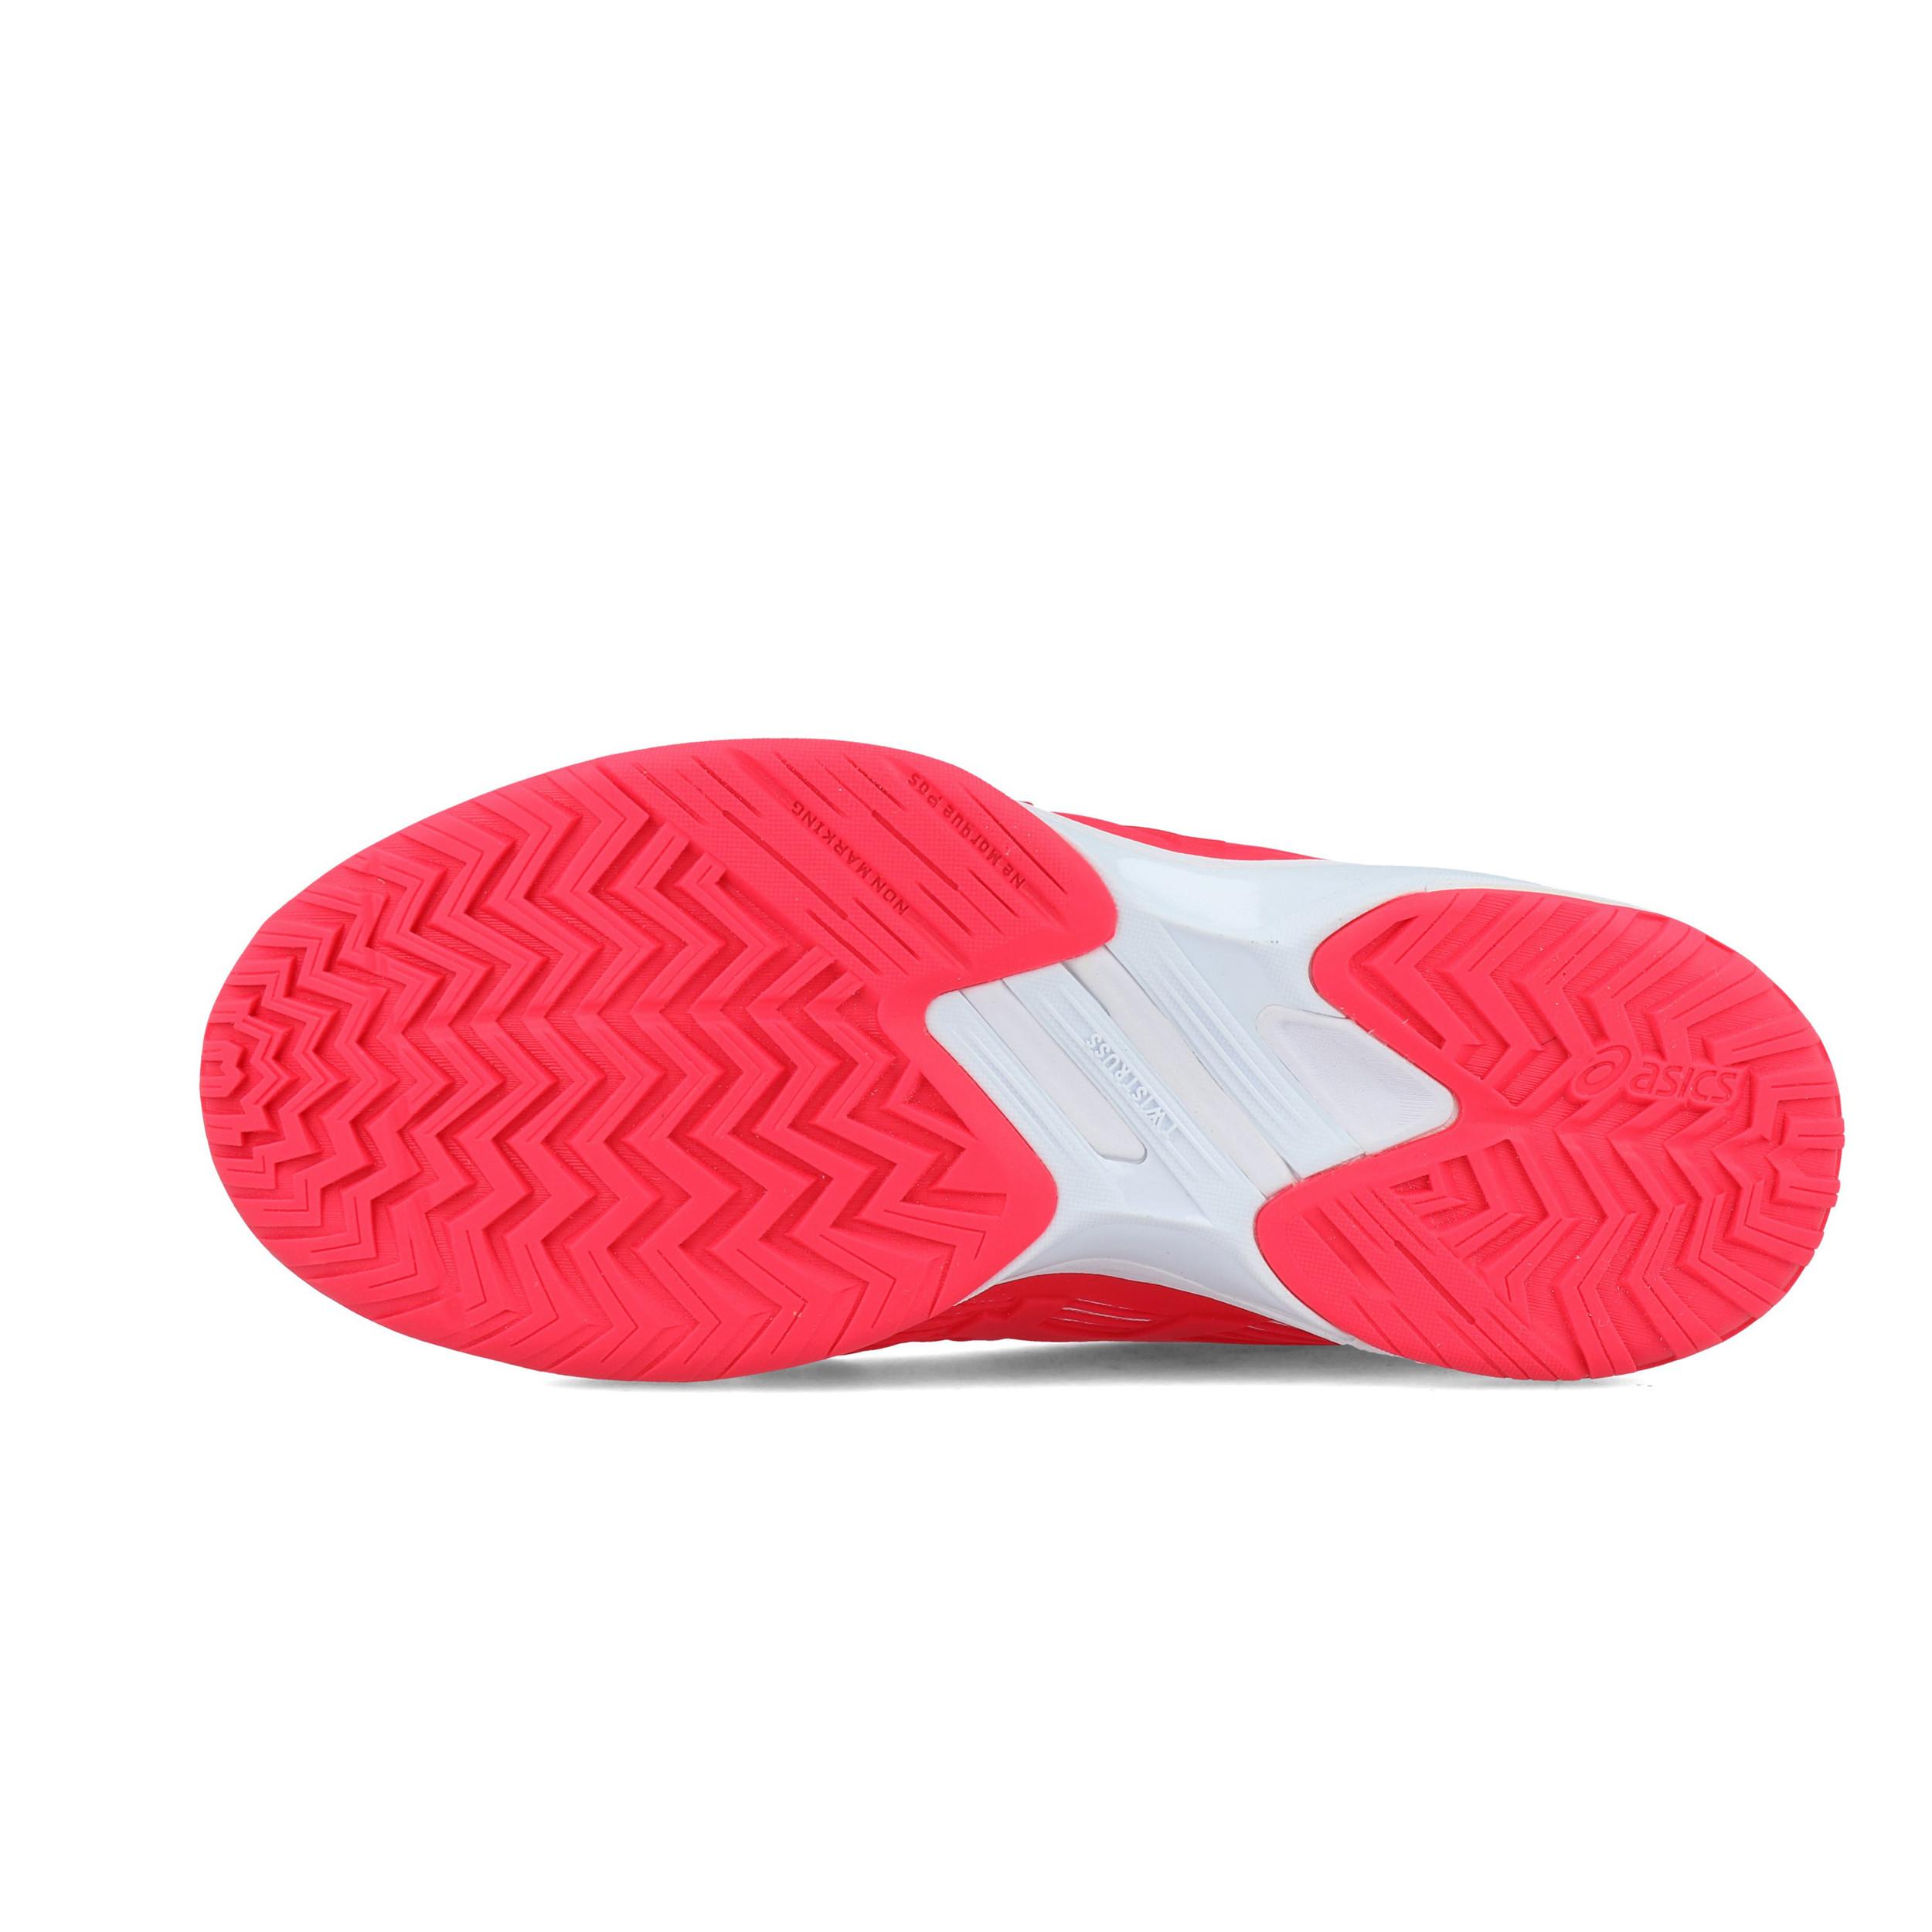 Details zu Asics Damen Solution Speed FF Tennisschuh Tennis Sneaker Rosa Sport Atmungsaktiv